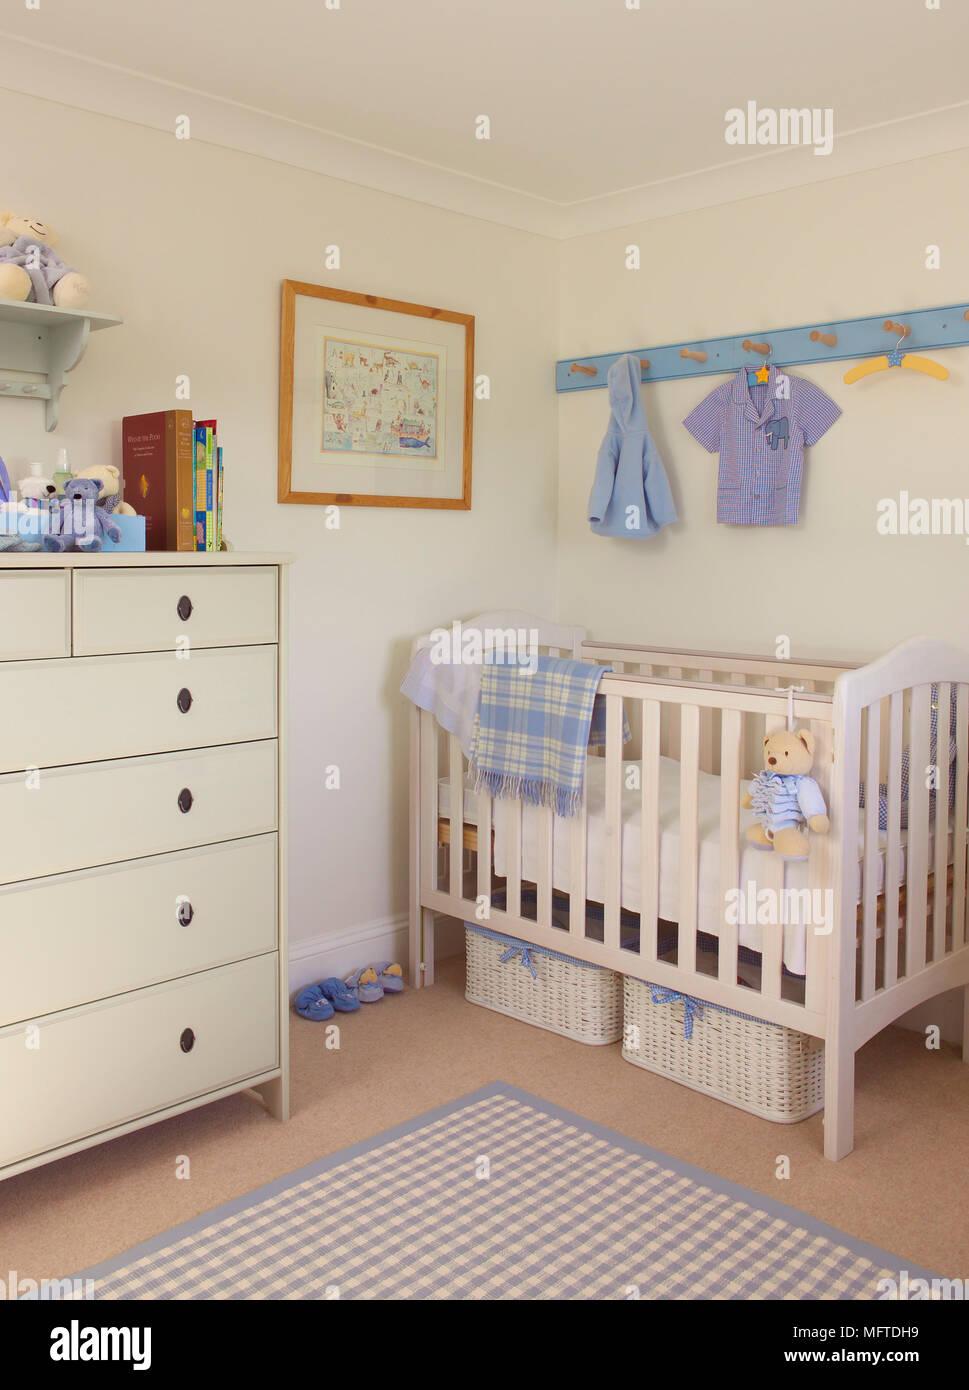 Pepiniere Childs En Bleu Et Blanc Banque D Images Photo Stock